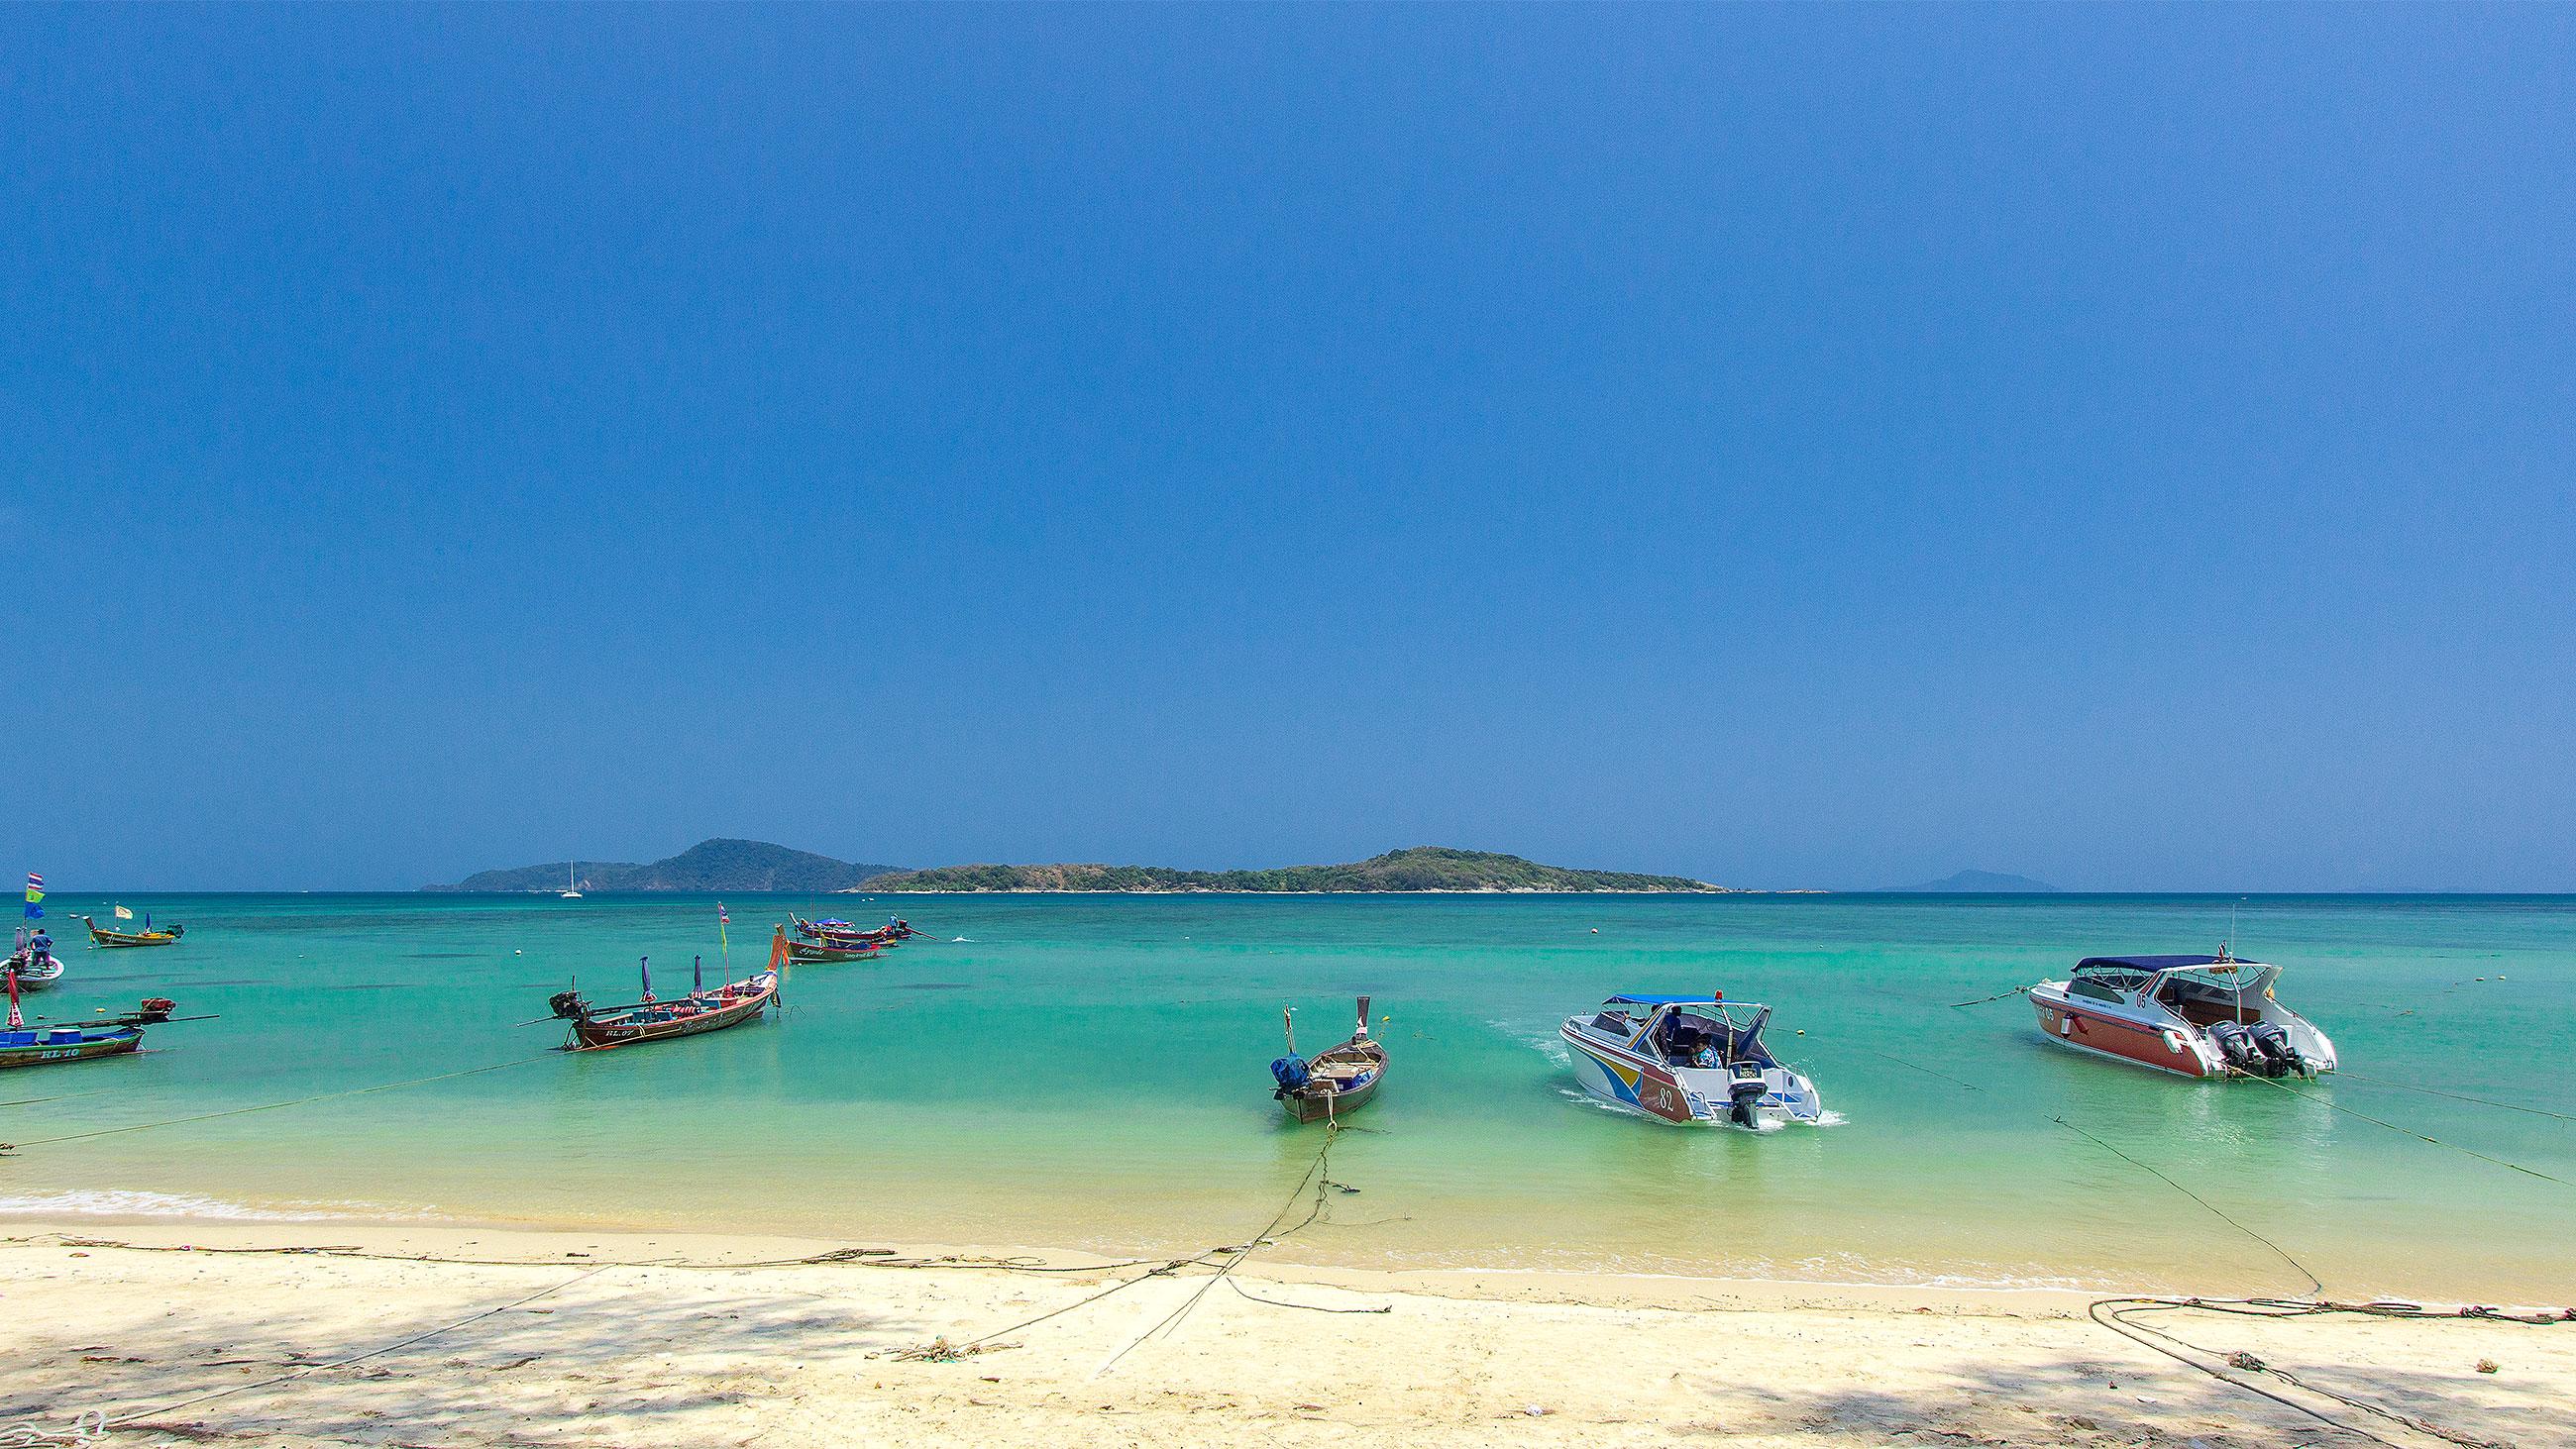 Обладателям туристических виз будет разрешено остаться в Таиланде после 26 сентября по письмам из посольств